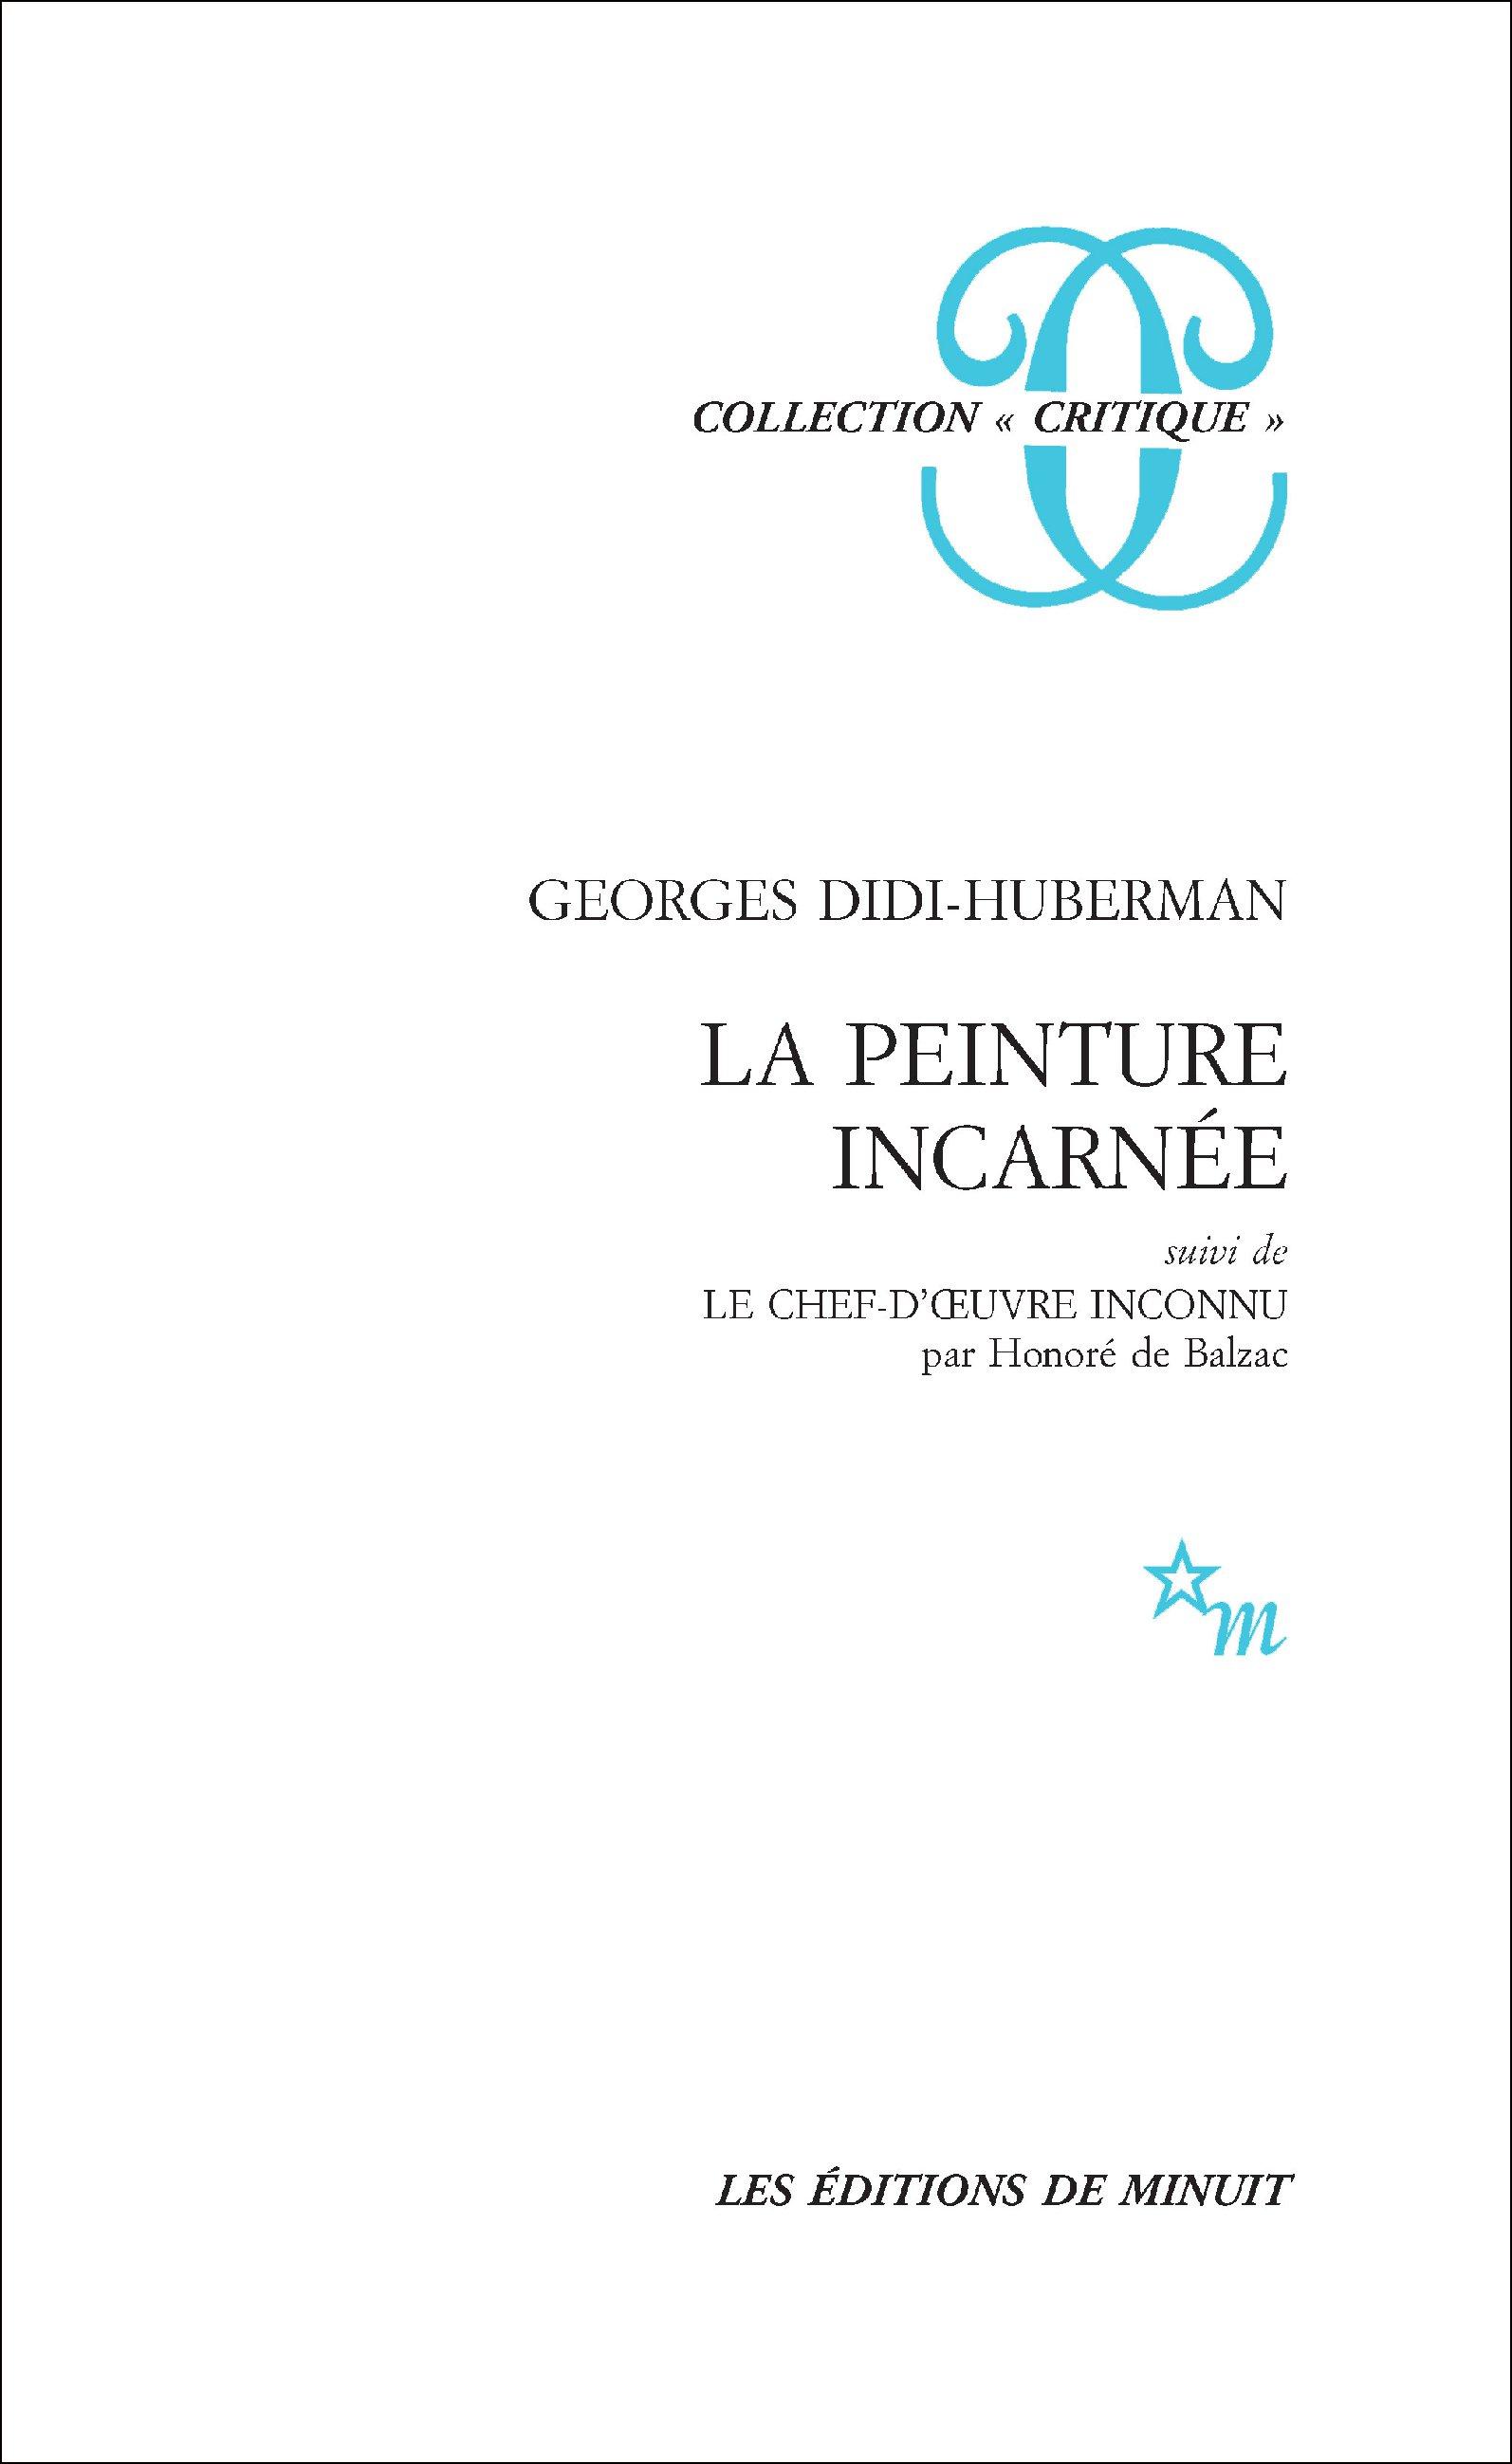 La Peinture incarnée, suivi de Le Chef-d'uvre inconnu par Honoré de Balzac